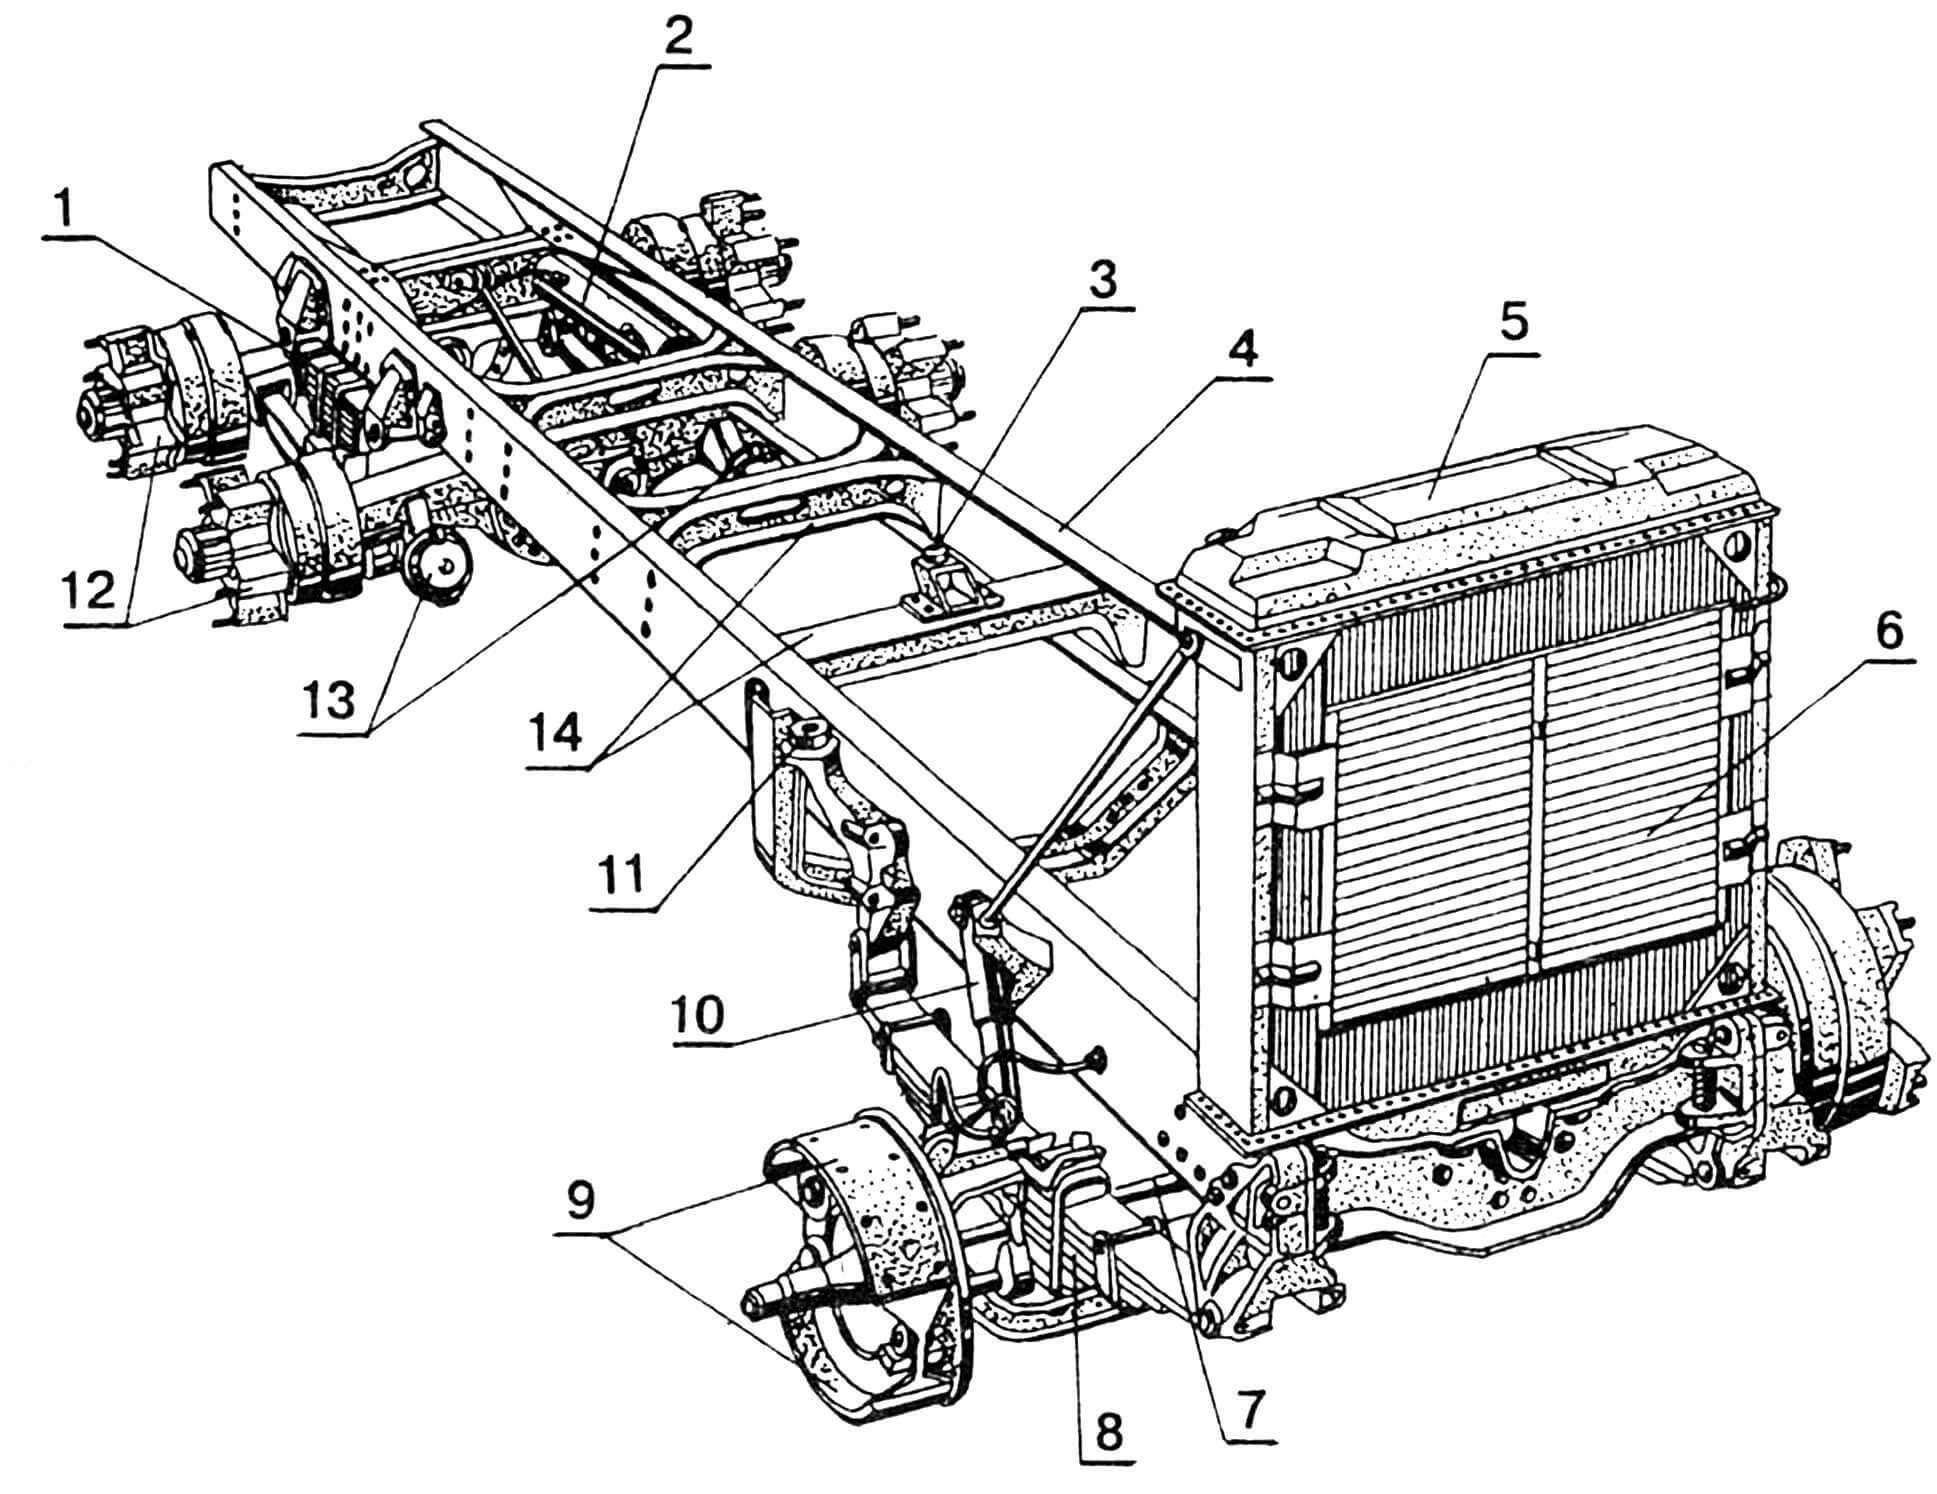 Рама в сборе с мостами и радиаторами: 1 — рессора задней тележки, 2 — ресивер тормозной системы, 3 — средняя опора кабины, 4 — лонжерон рамы, 5 — радиатор системы охлаждения двигателя, 6 — масляный радиатор,7 — поперечная тяга рулевой трапеции, 8 — рессора передней подвески, 9 — тормозные колодки, 10 — гидравлический амортизатор, 11 — боковая опора кабины, 12 — ступицы колес задних мостов, 13 — пневмоцилиндры привода тормозов, 14 — поперечины.